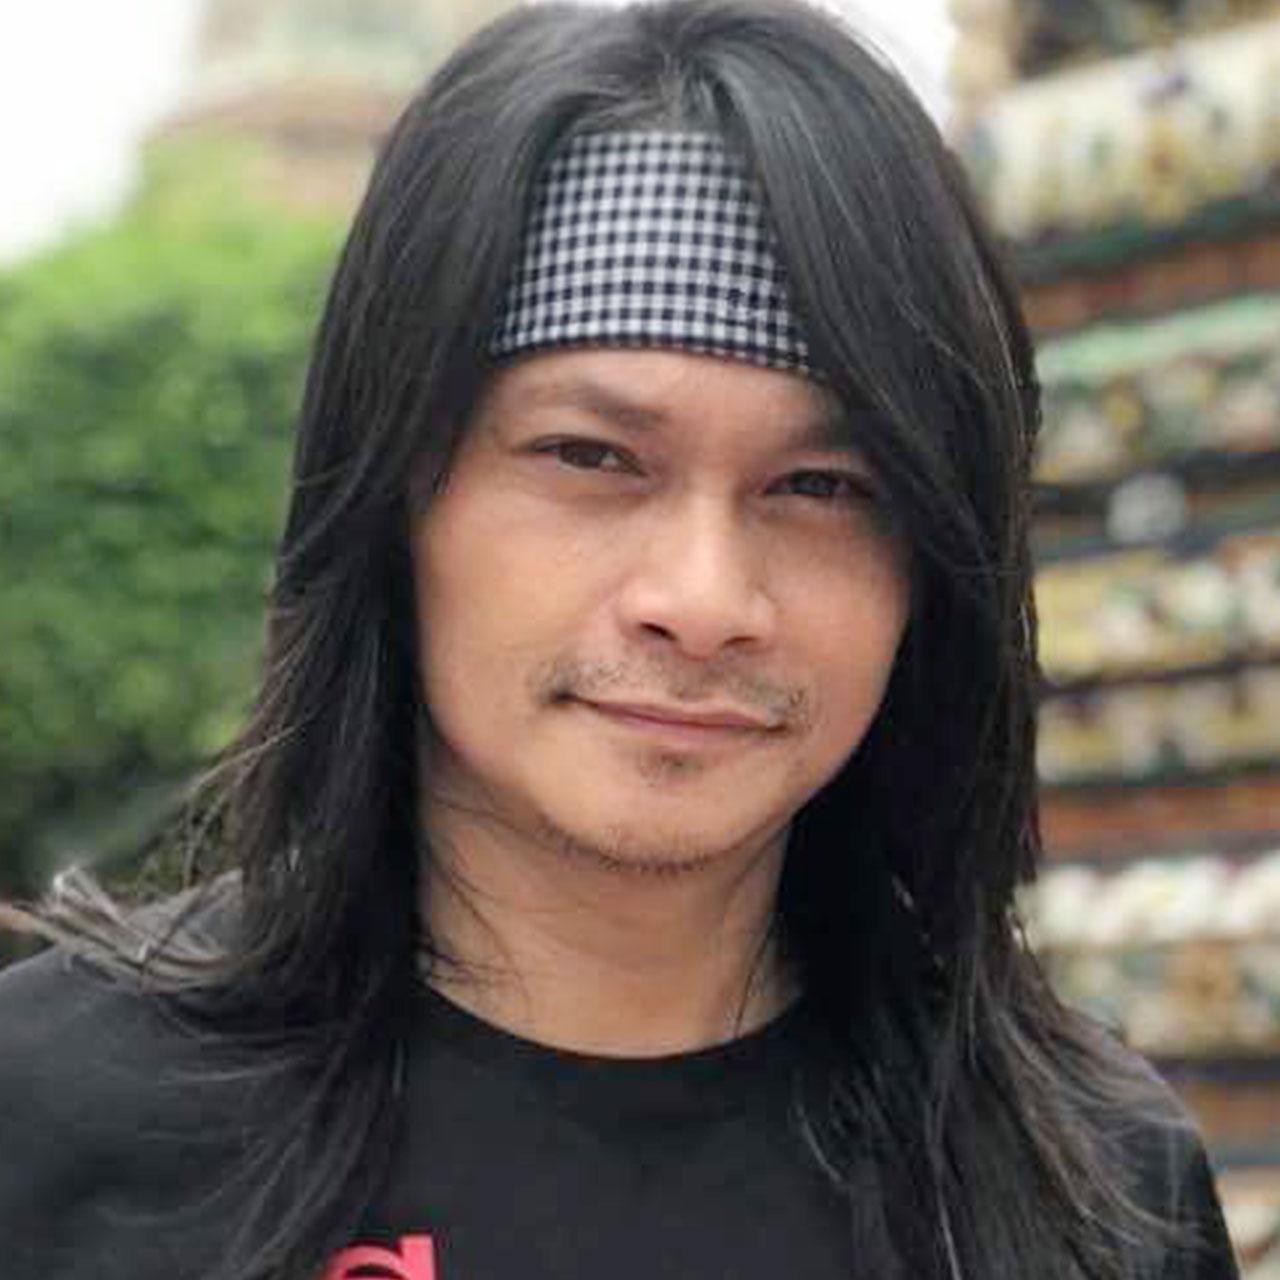 พี สะเดิด ชวน แพนเค้ก–เขมนิจ, ตุ๊กกี้ พบแฟนชาวไทยในเนเธอร์แลนด์ ฝรั่งเศส เดนมาร์ก 6-25 ก.ย.ในงาน P-Saderd live in EU 2018 พร้อมทำบุญวัดไทย มาสนุกและทำบุญกัน.